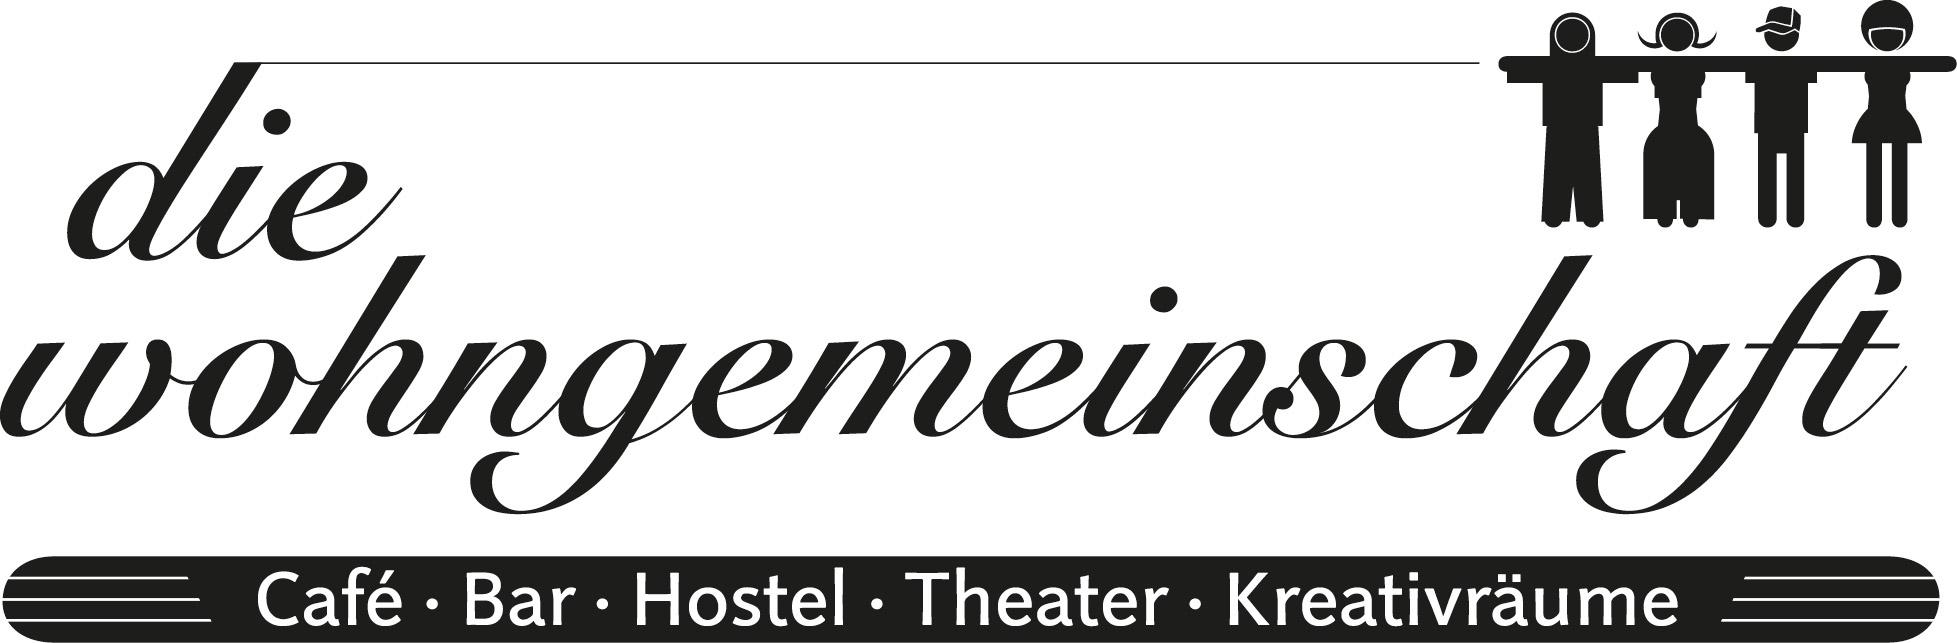 die_wohngemeinschaft_kreativraeume_logo.jpg